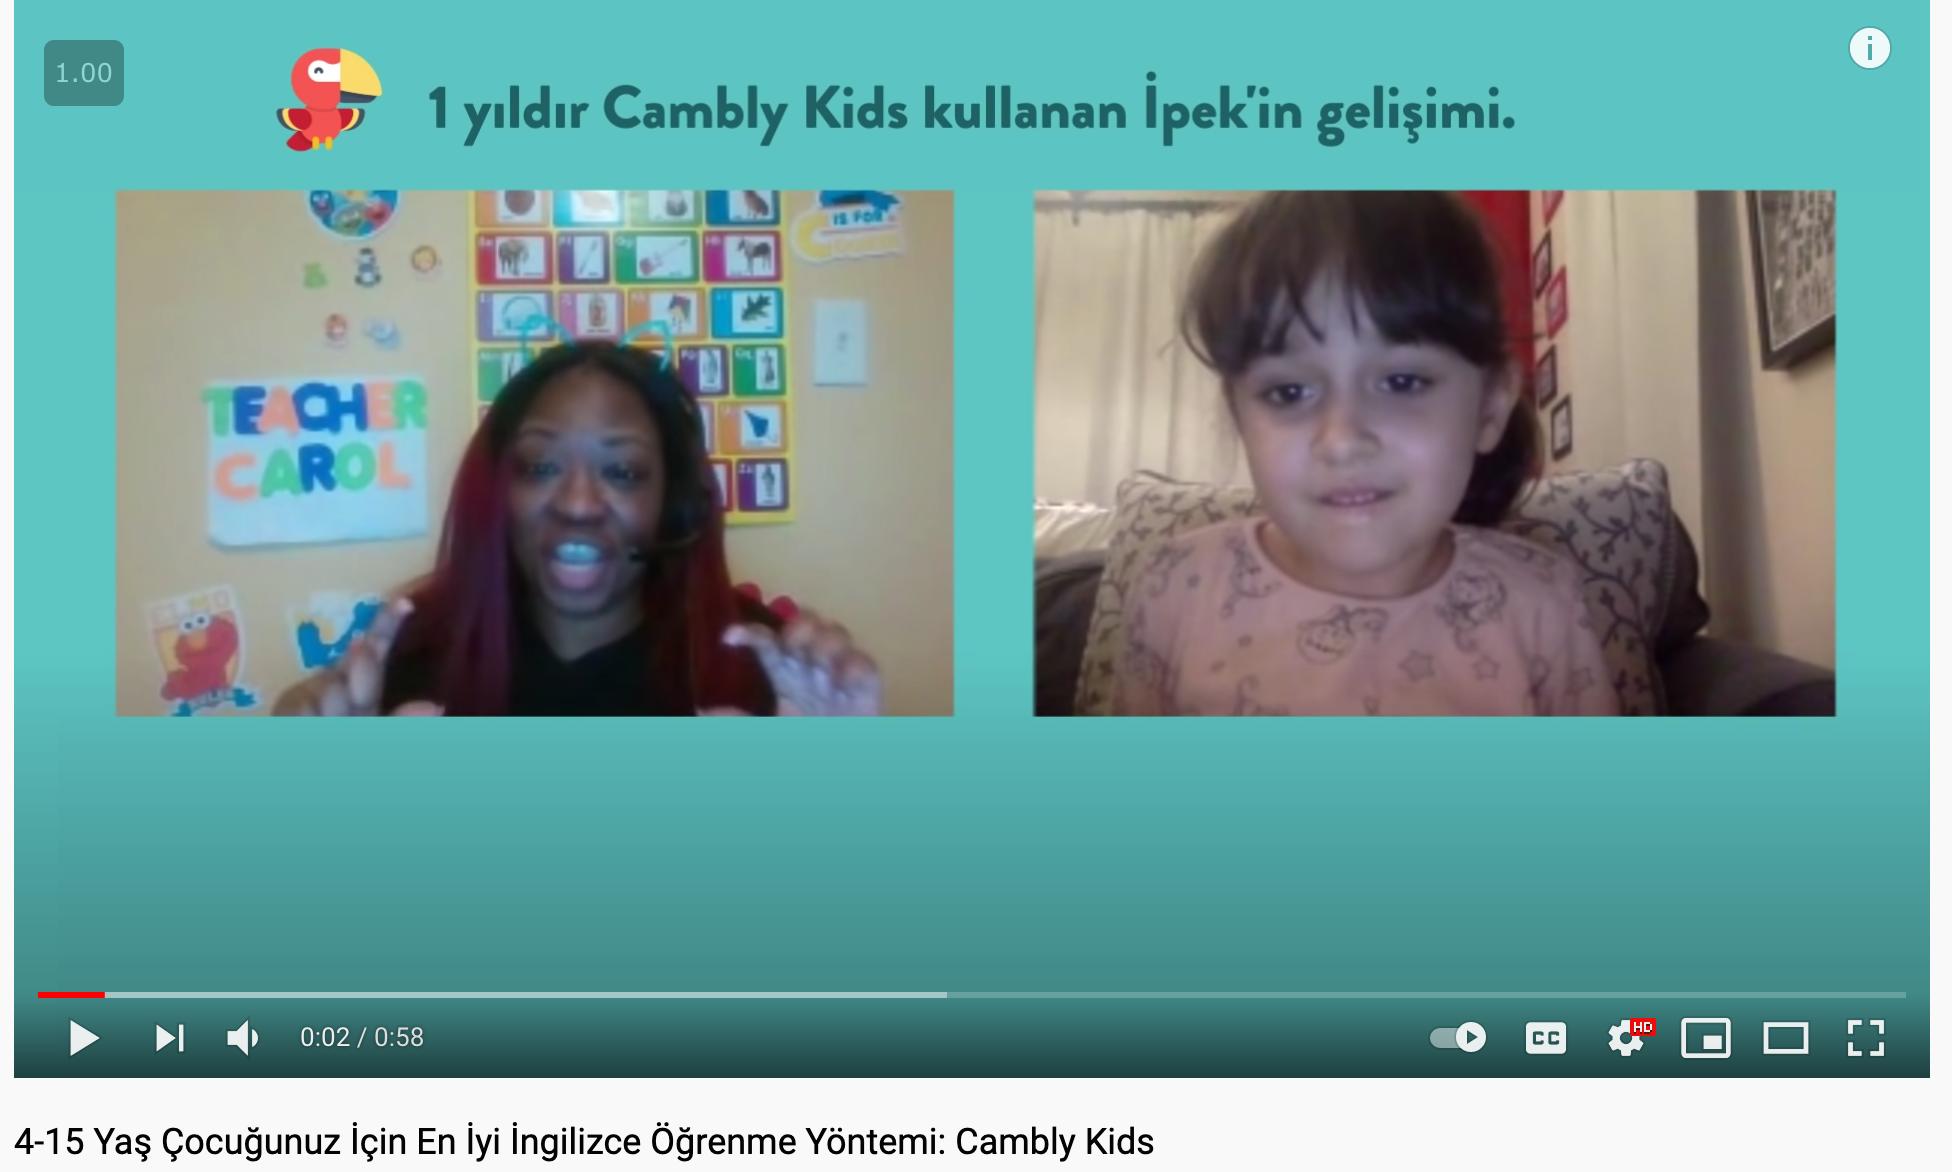 çocukların ingilizce öğrenmesi